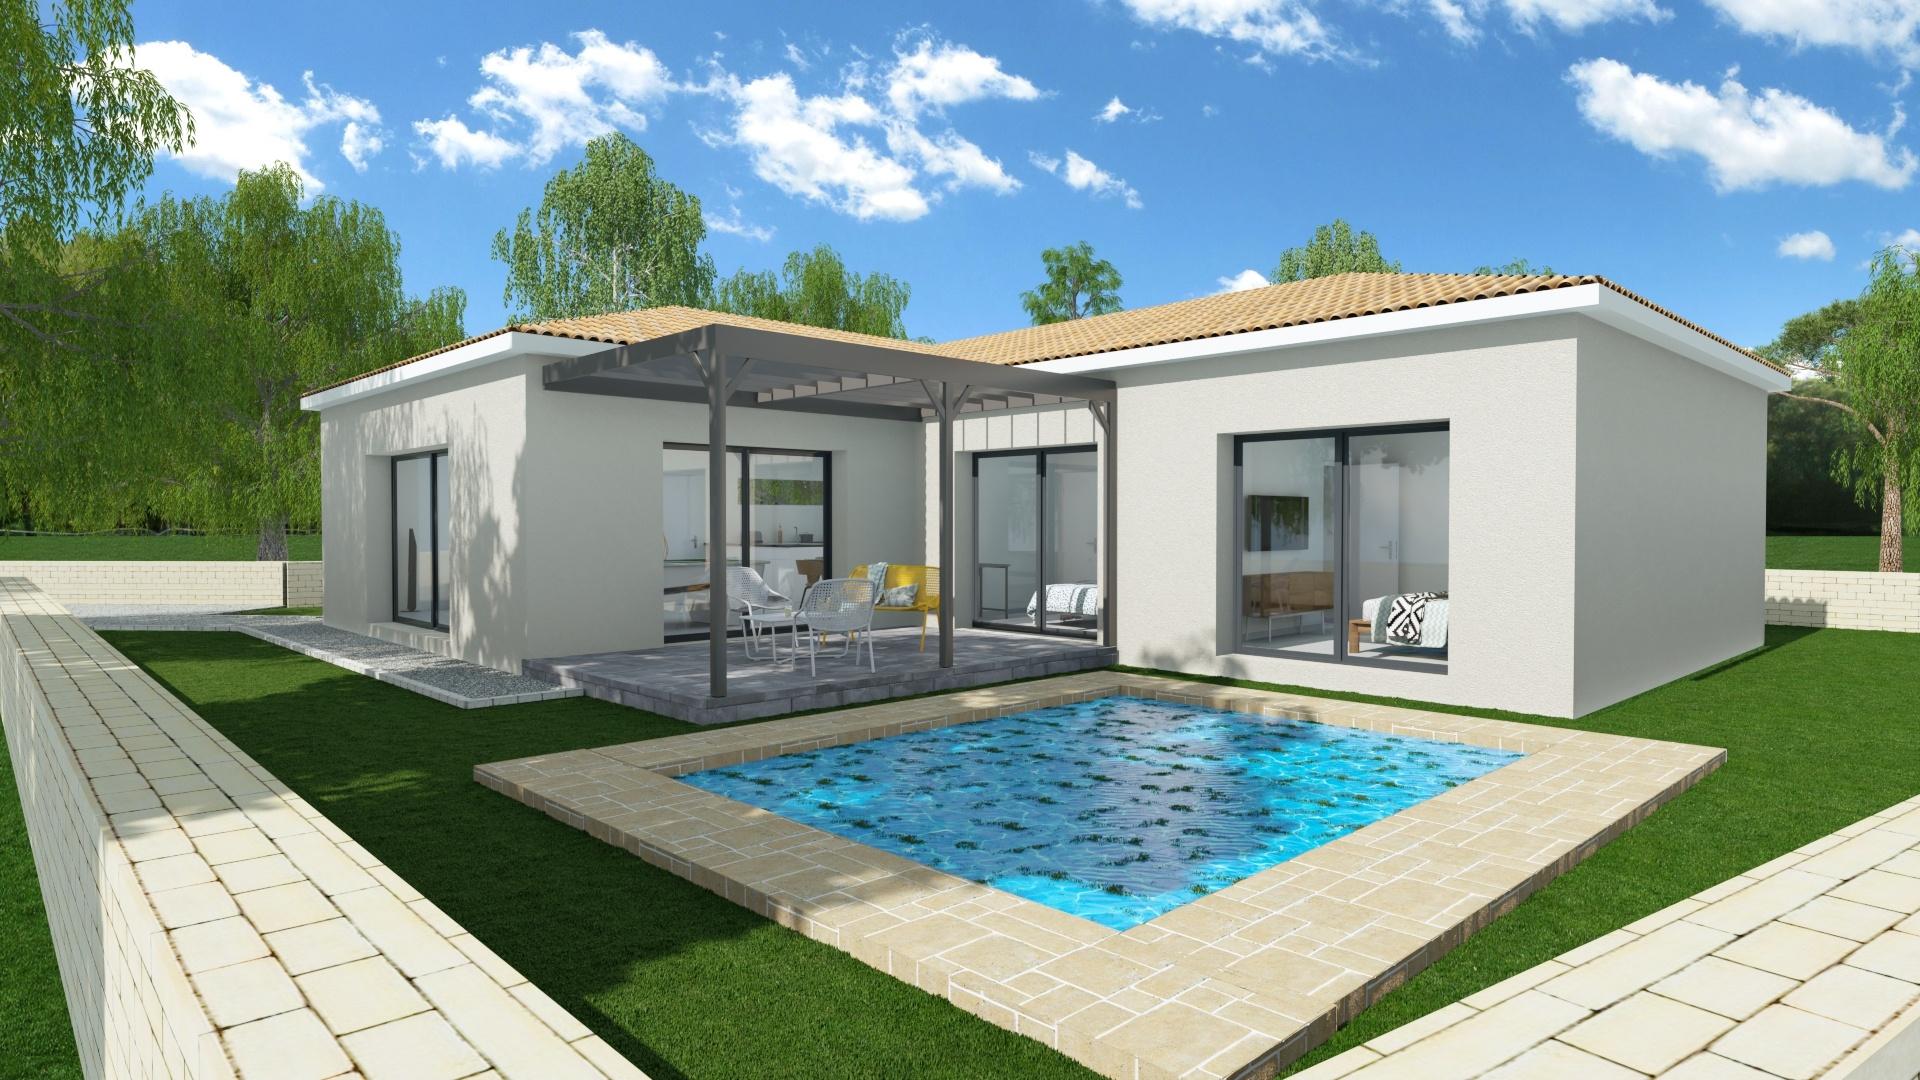 Maisons + Terrains du constructeur MAISON FAMILIALE MONTPELLIER • 95 m² • BEZIERS